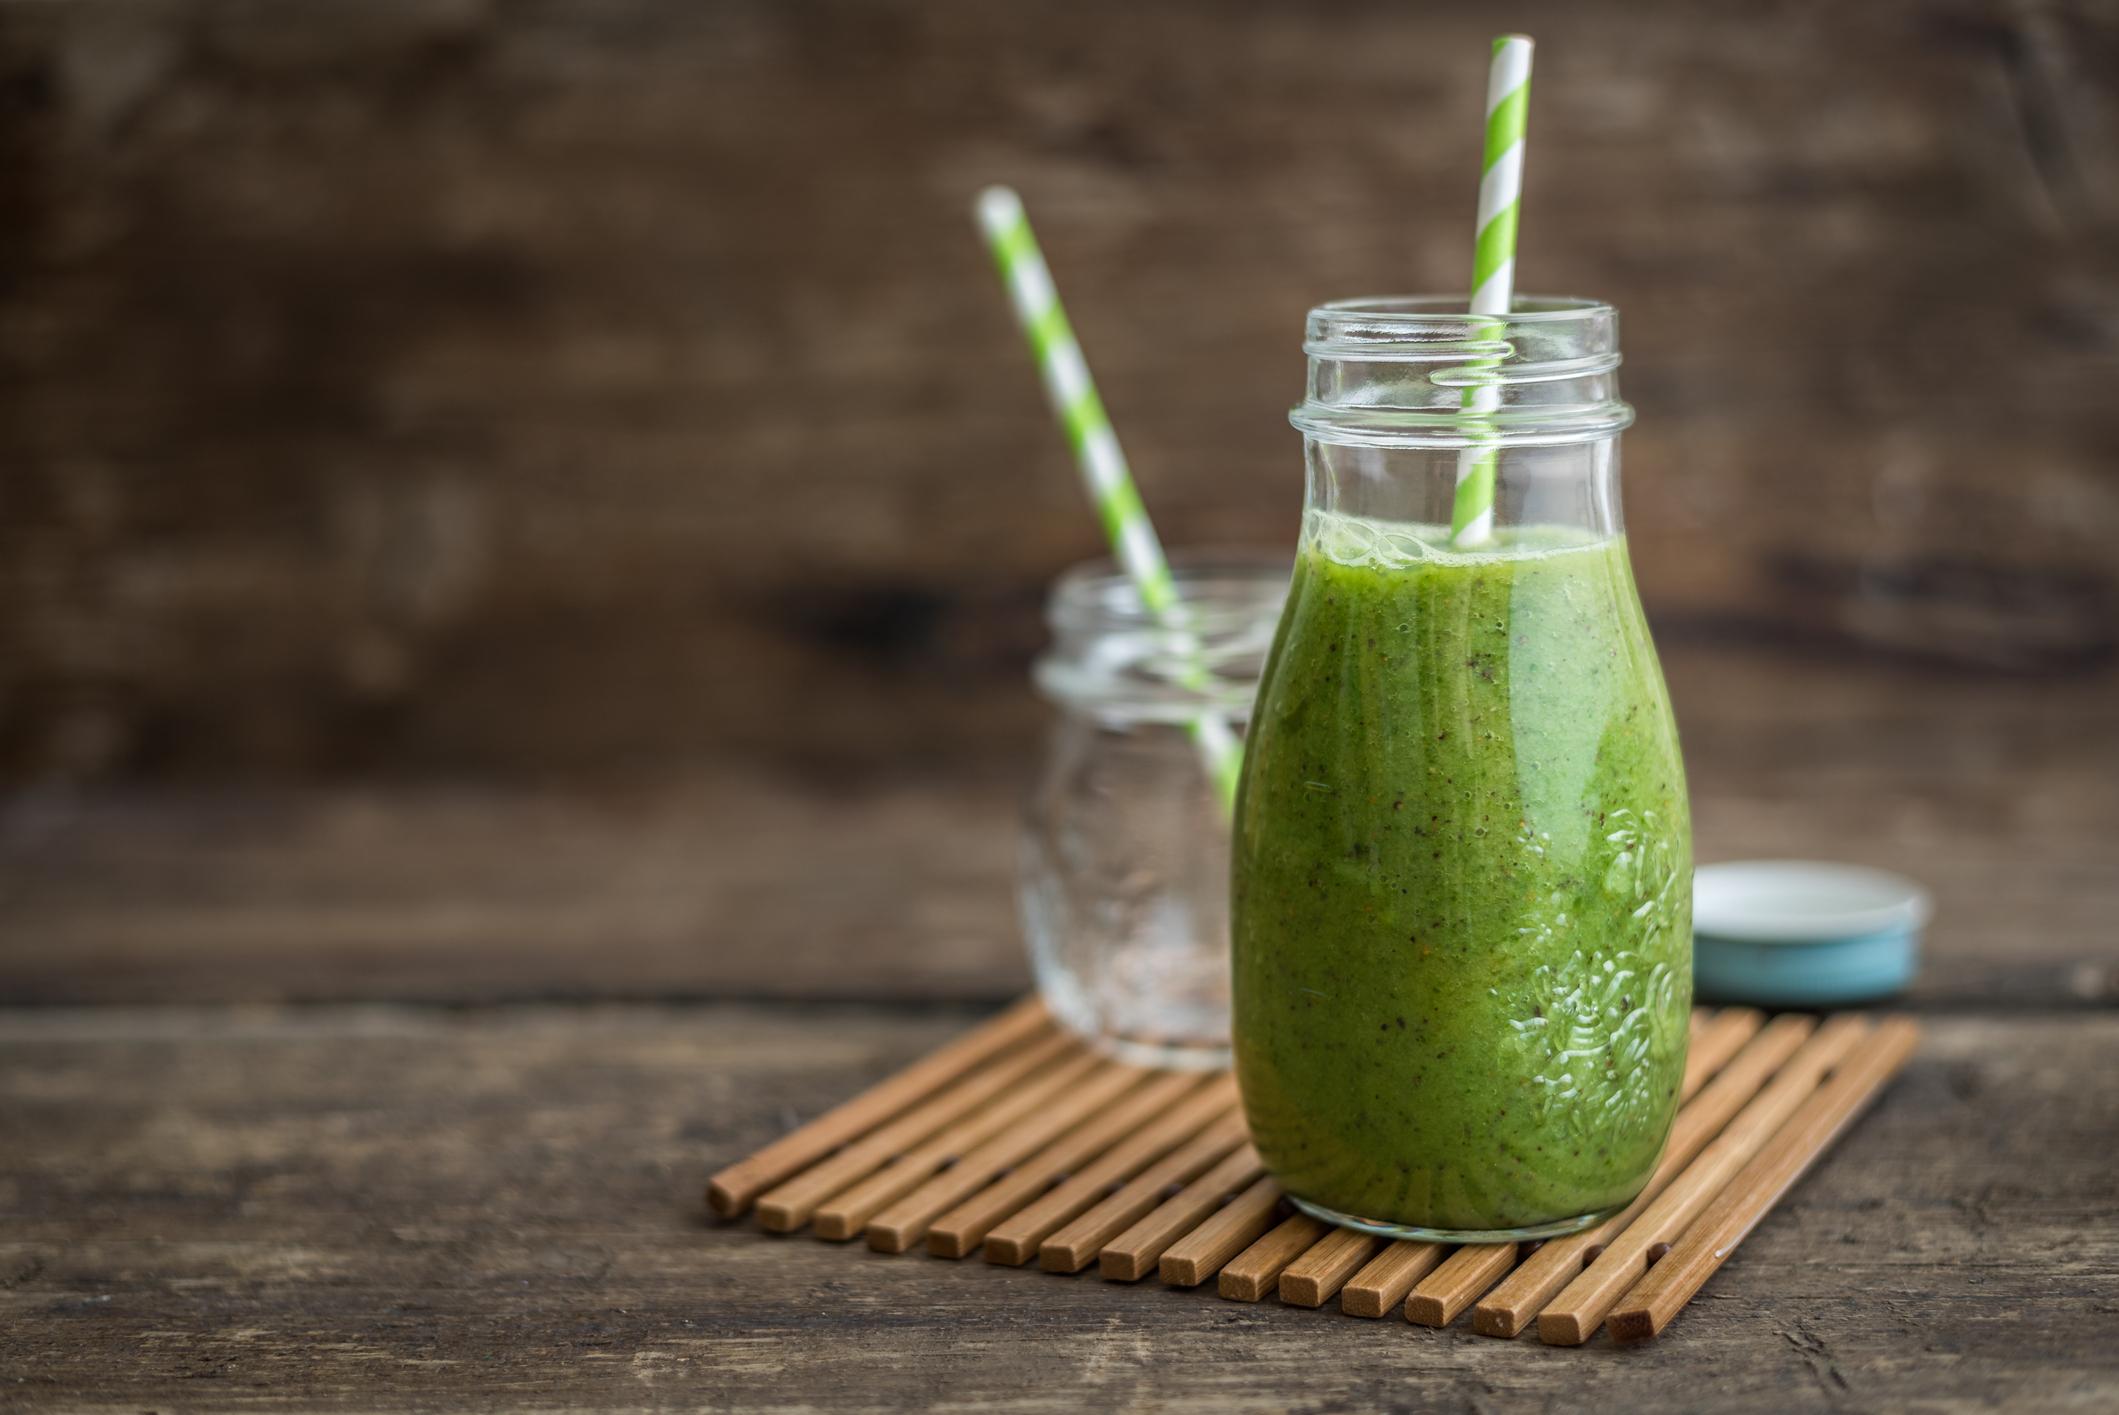 Hanf-Protein stärkt deine Muskeln und ist als Shake ein leckerer Post-Workout Snack.